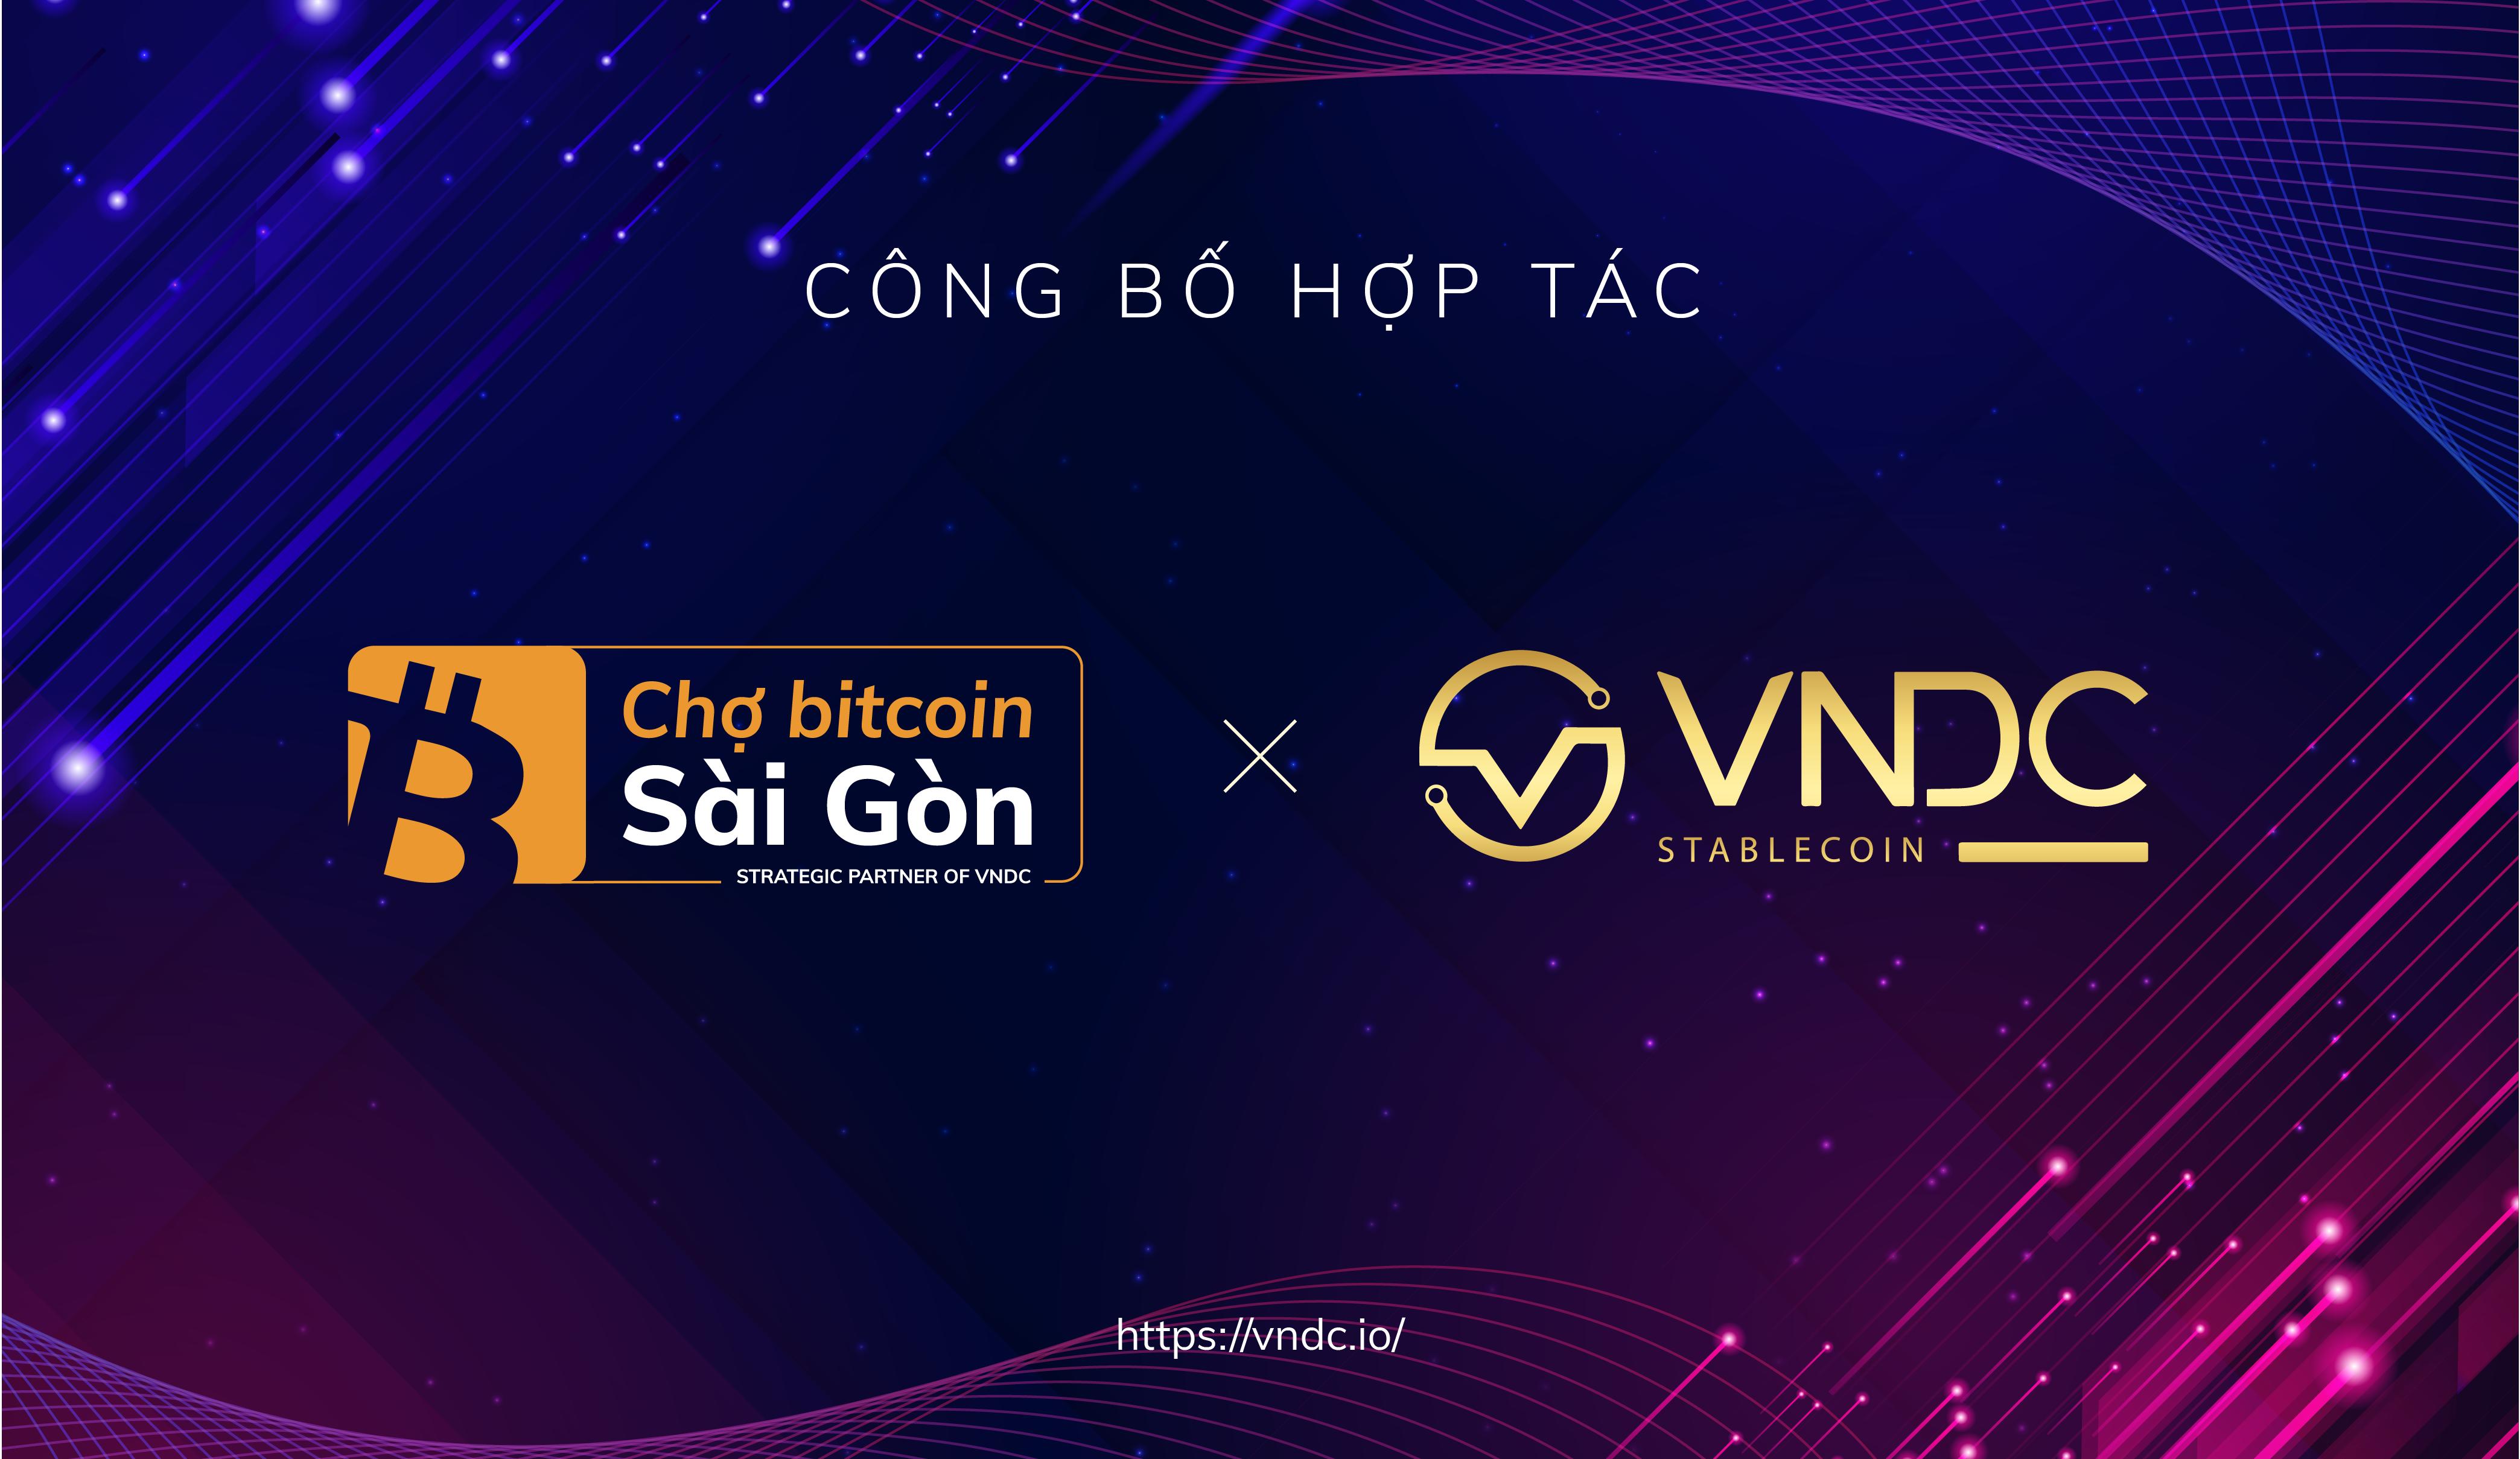 VNDC chính thức hợp tác chiến lược với Chợ Bitcoin Sài Gòn